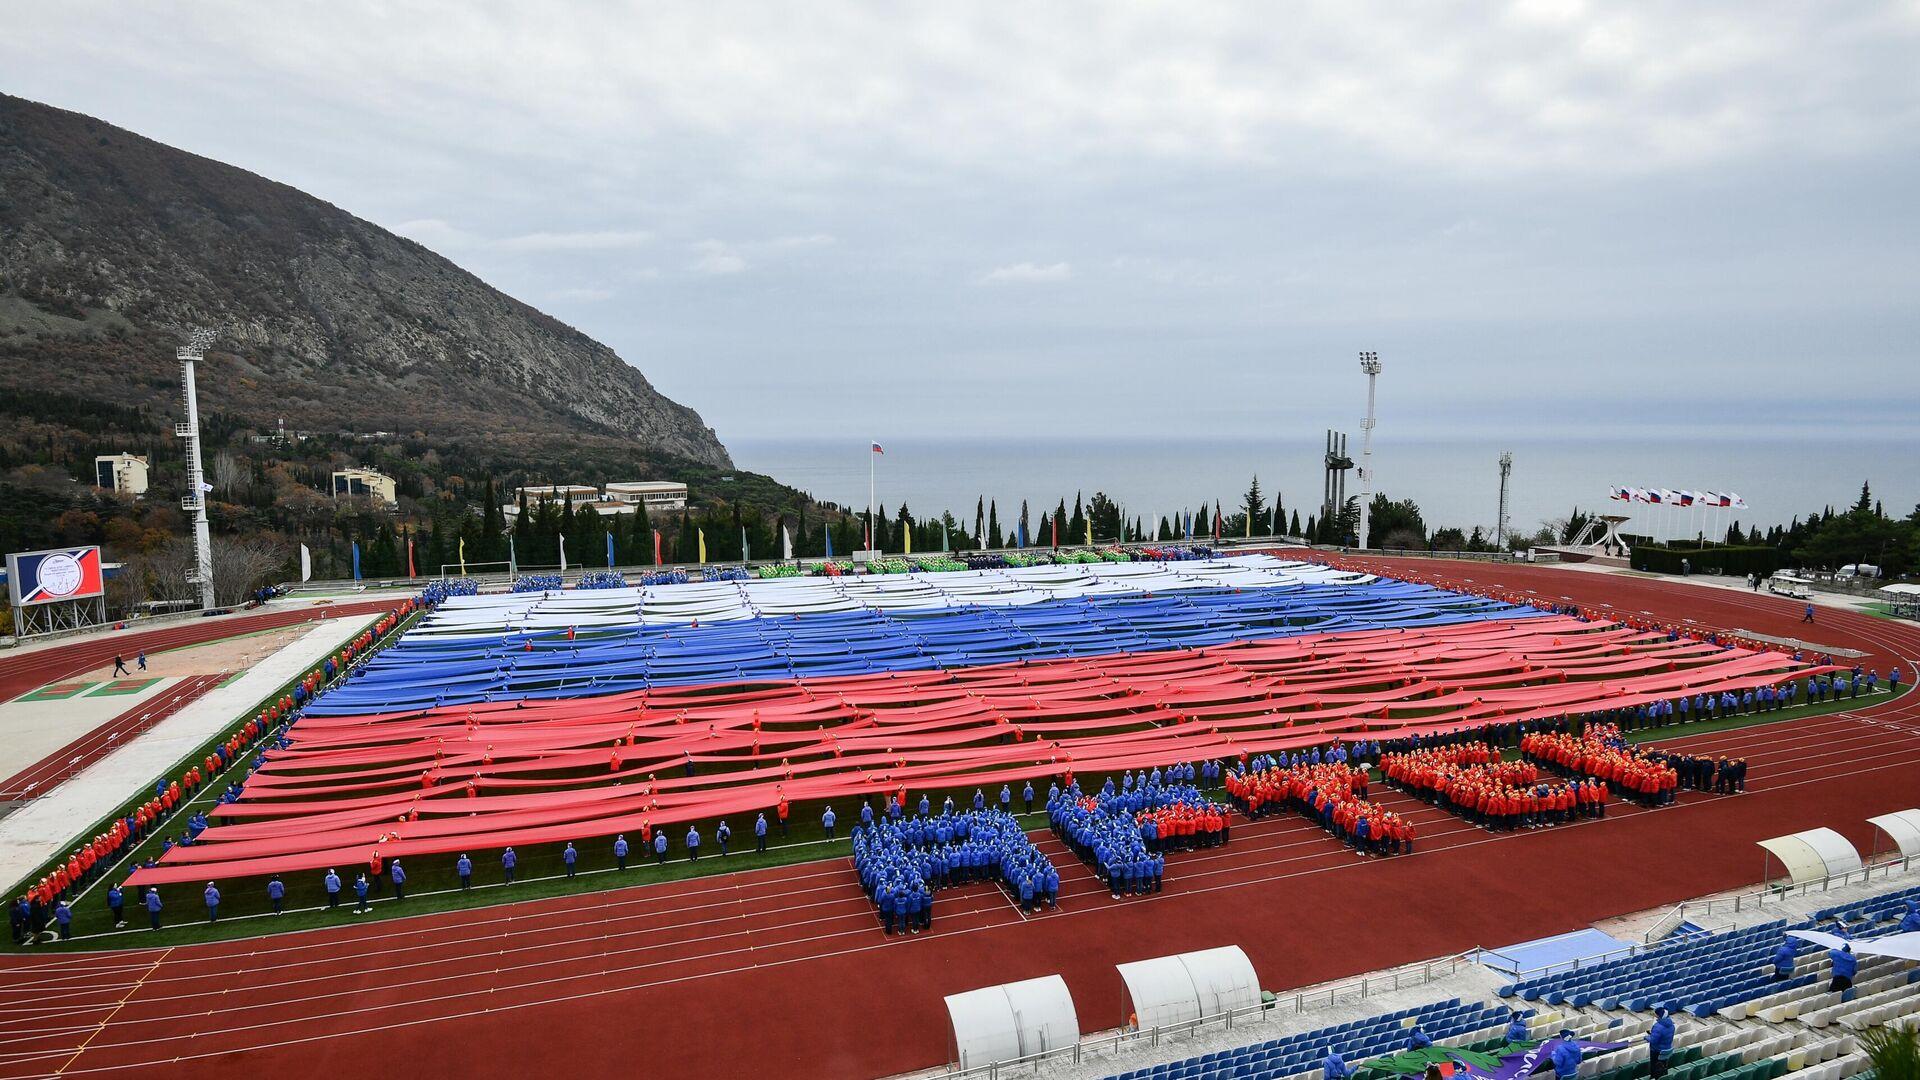 Гигантский флаг РФ в поддержку российских спортсменов в Артеке - РИА Новости, 1920, 26.03.2021